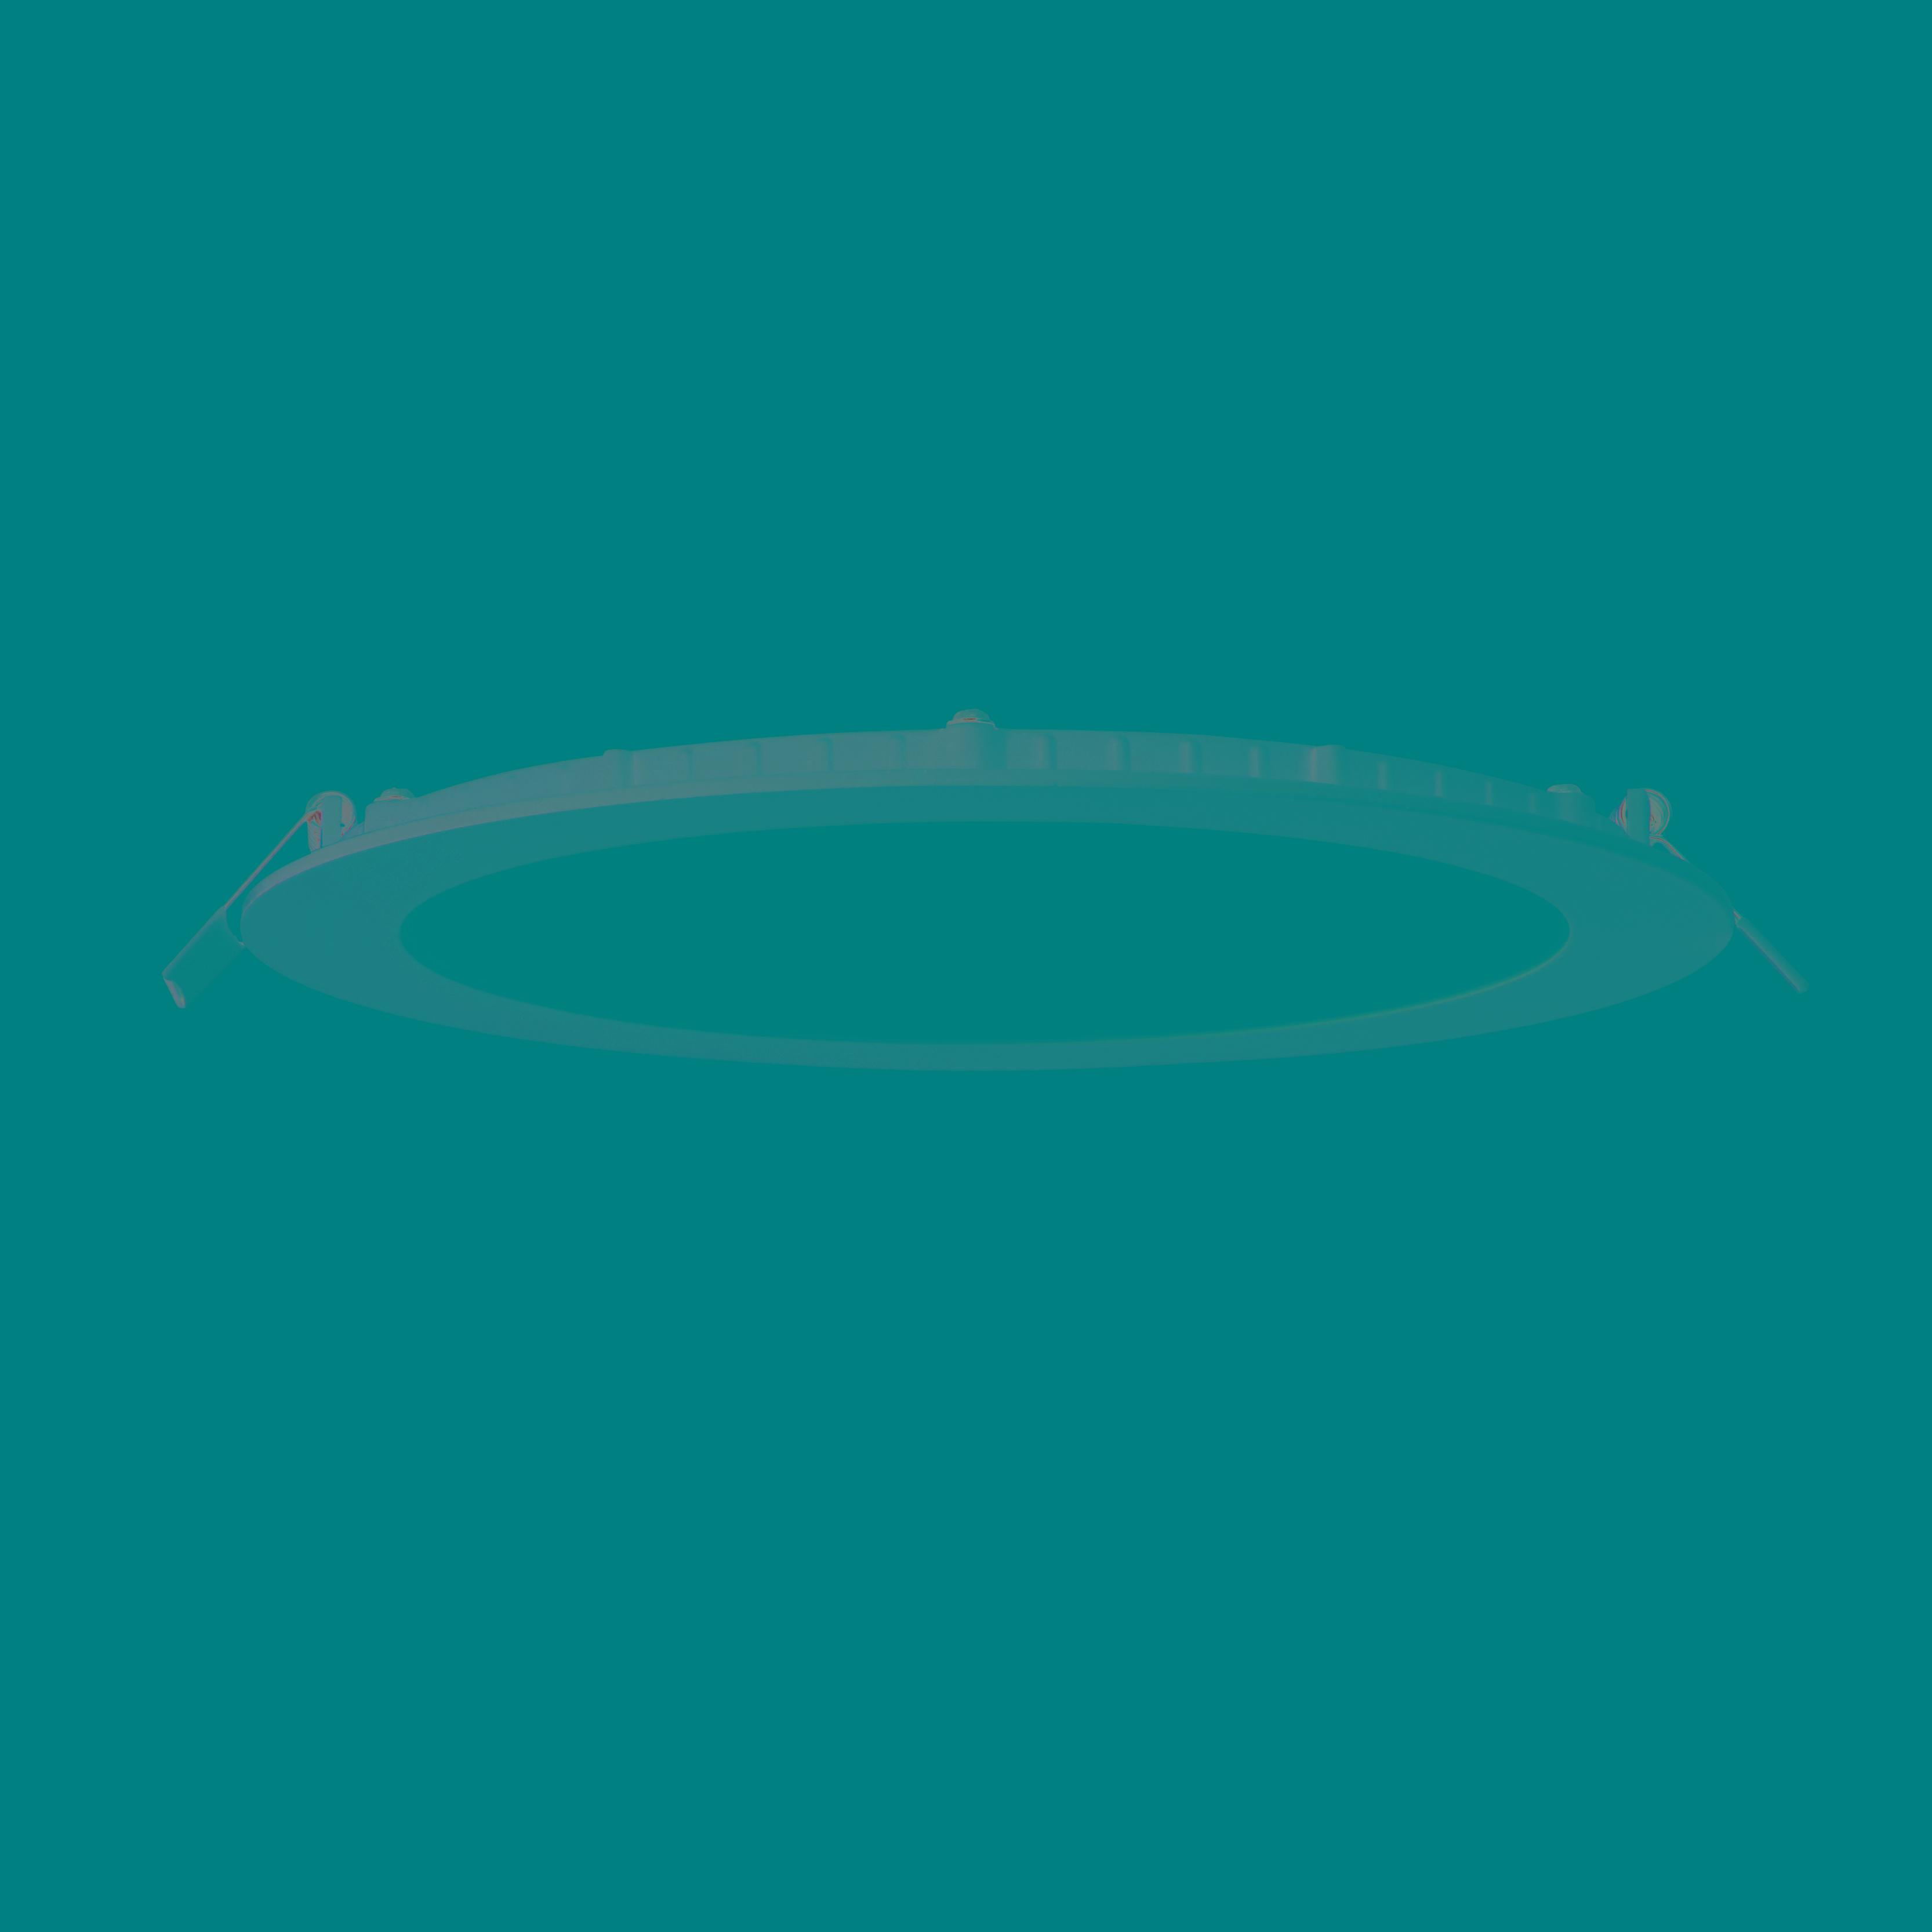 Saxby 74394 SirioDISC Em/Lumin C/W 18W